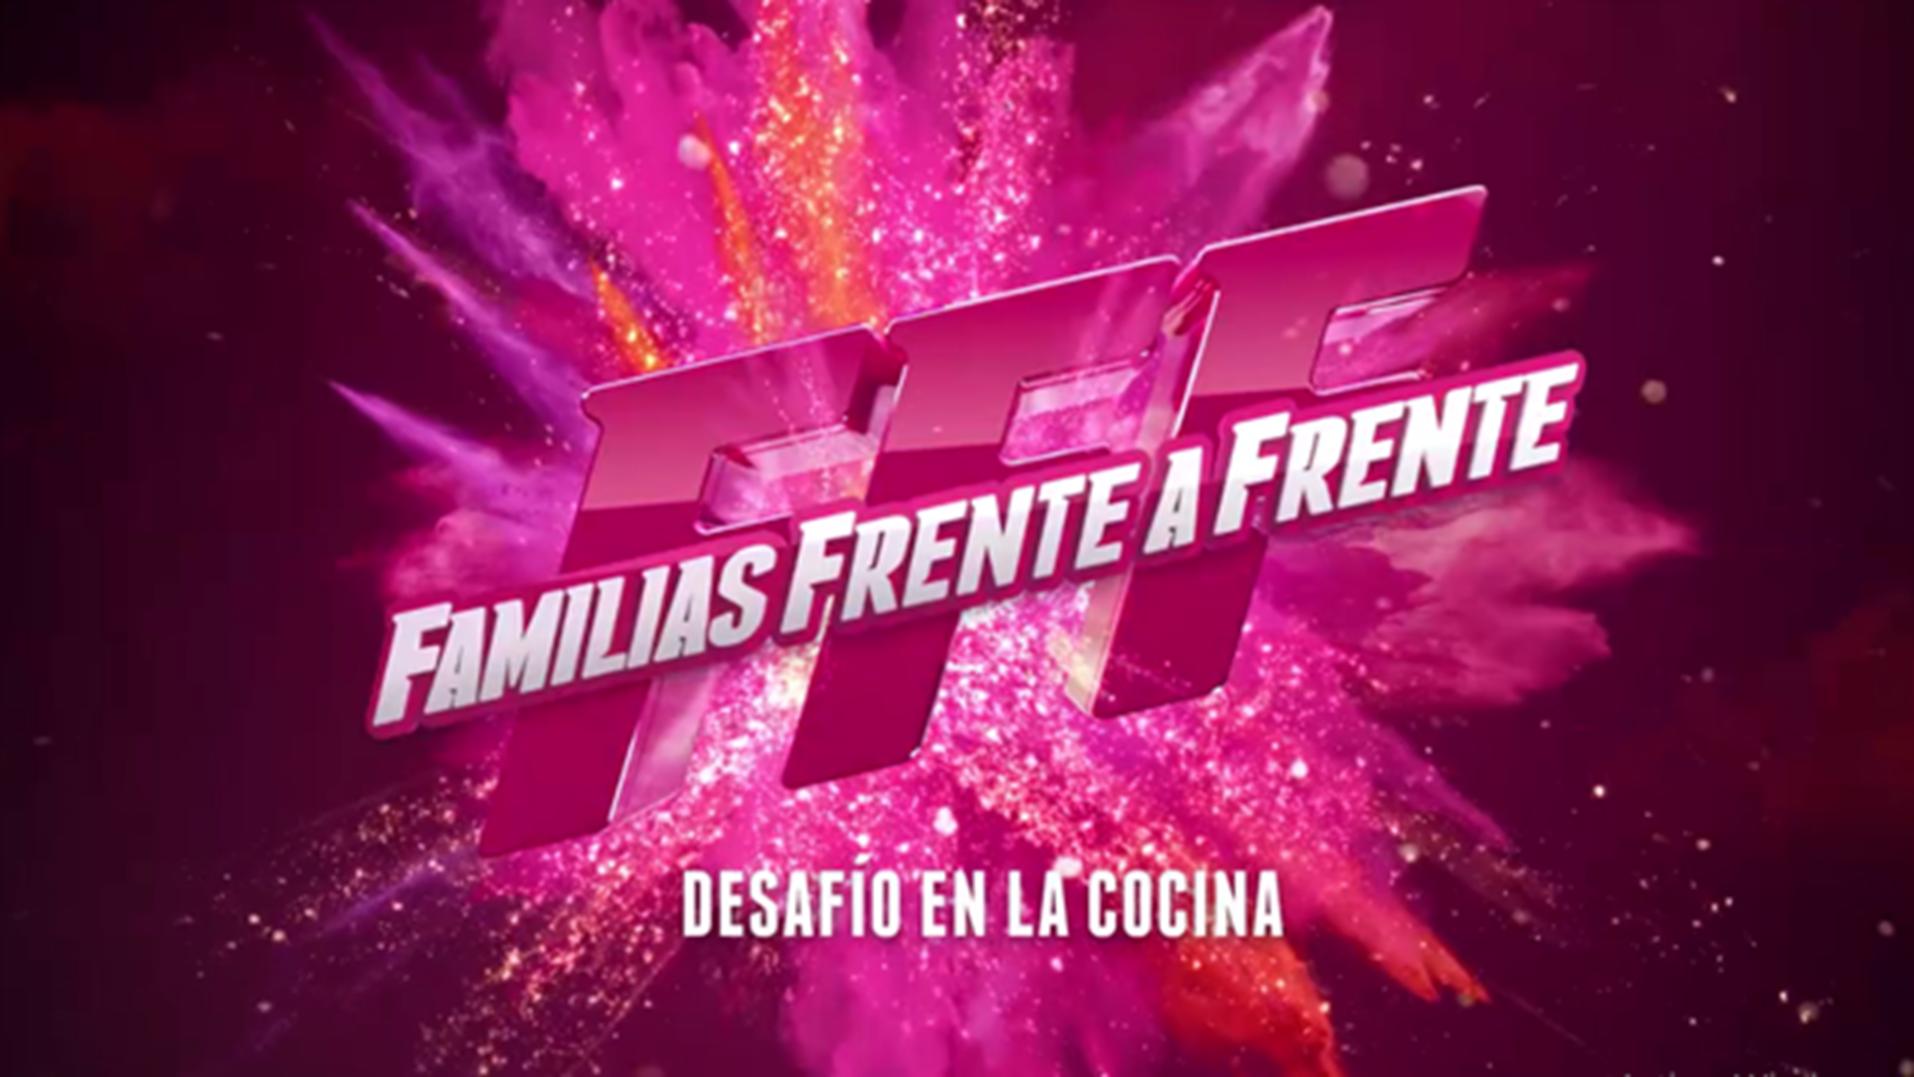 Familias Frente a Frente (Argentina)